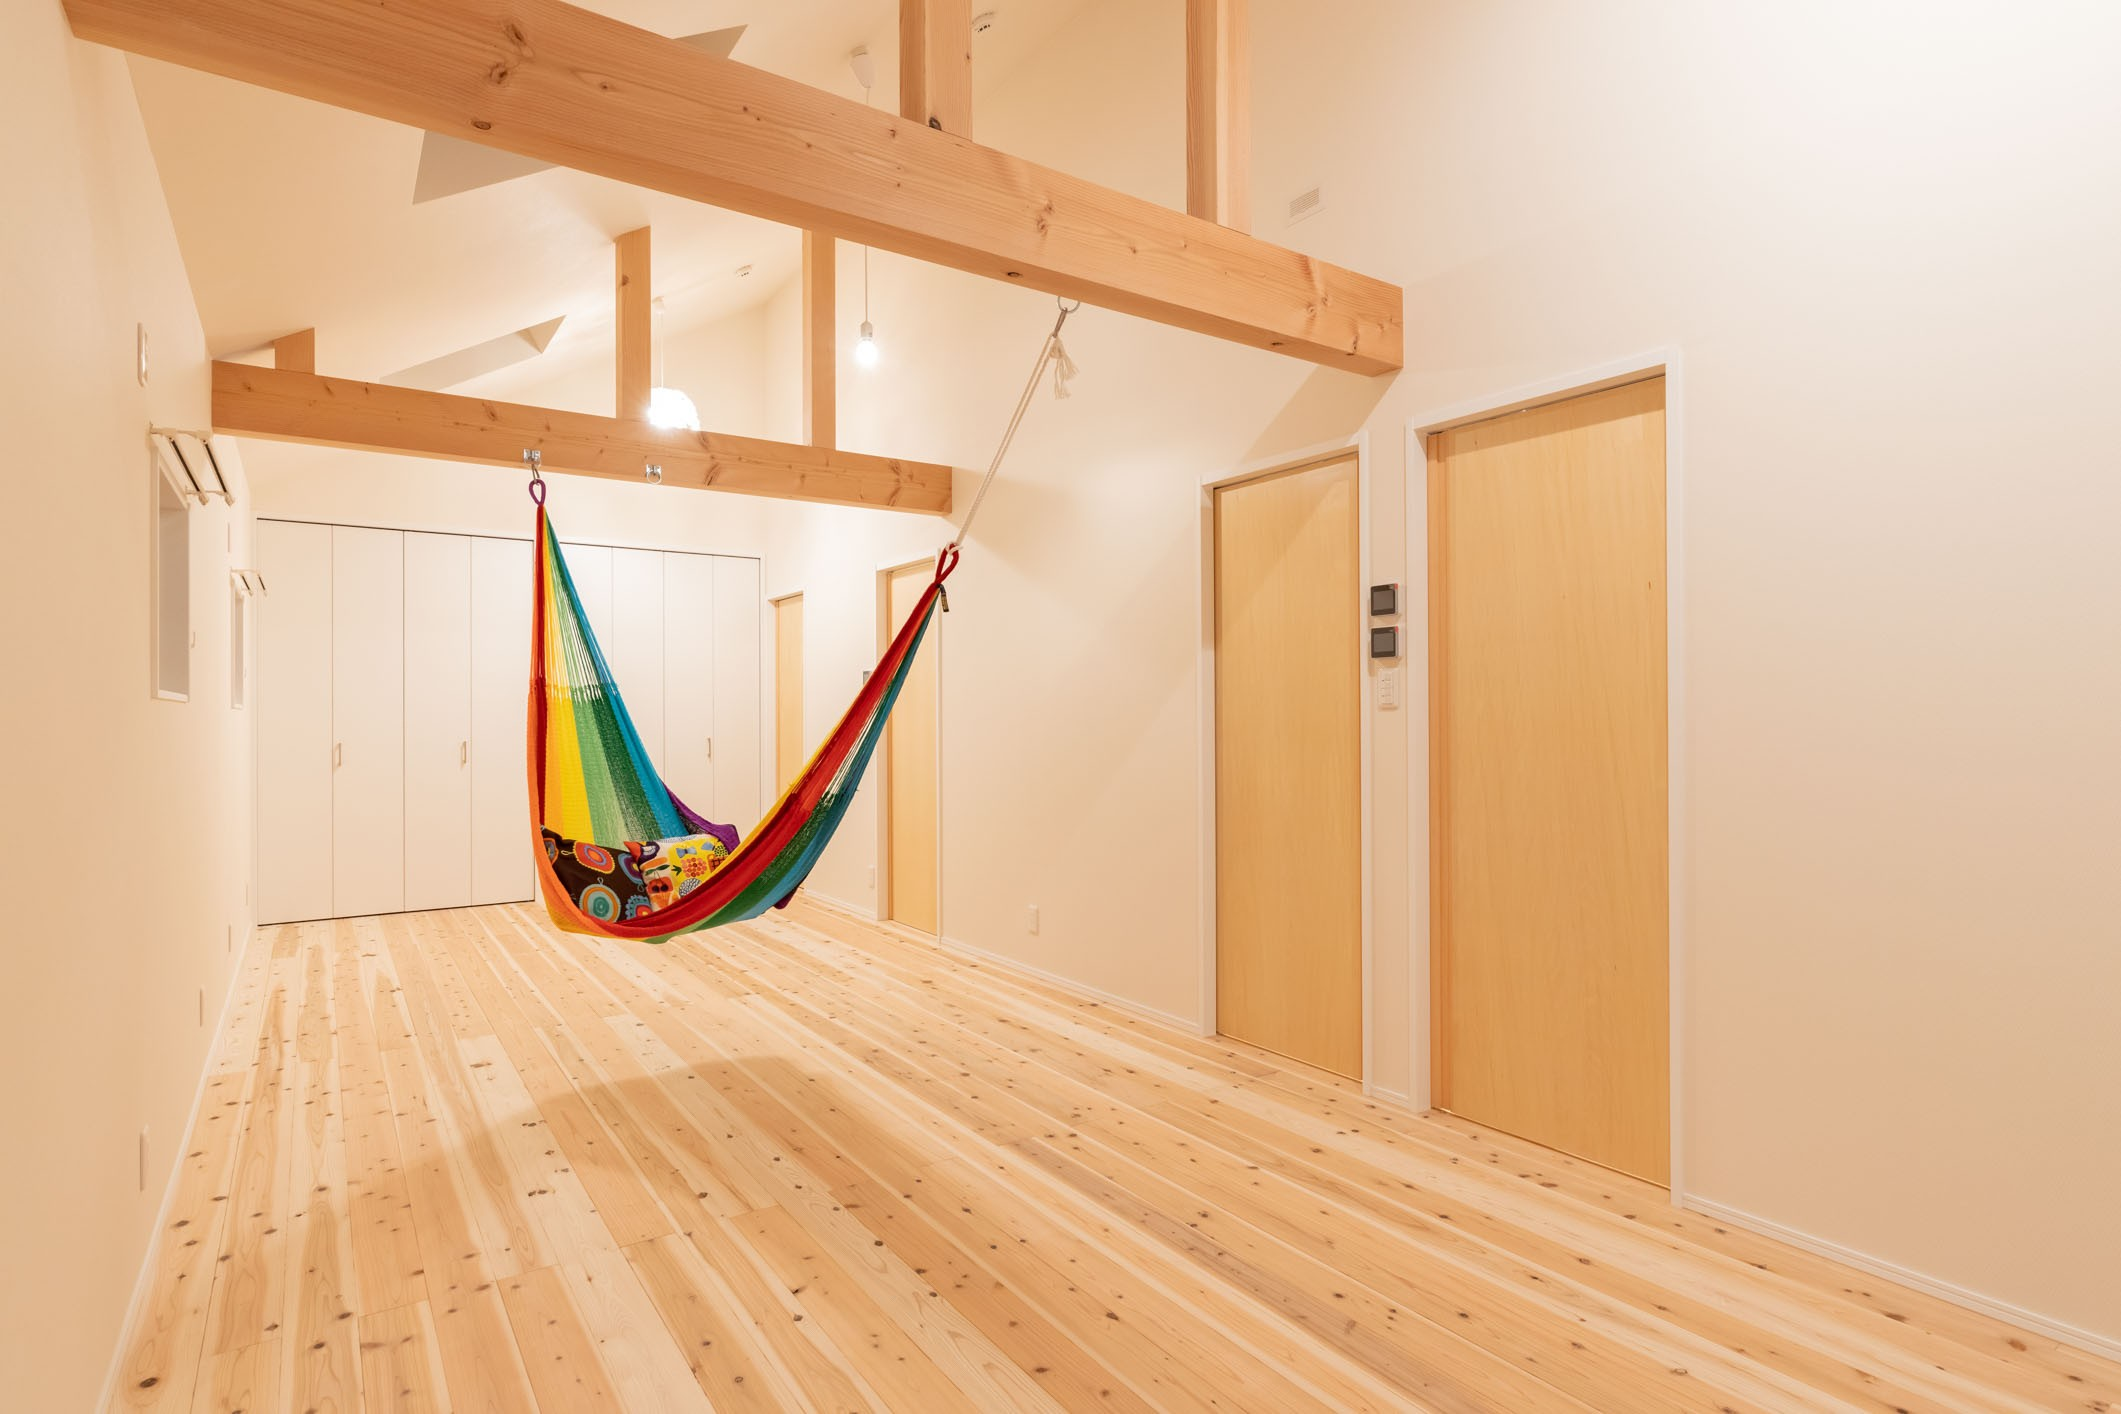 子供部屋事例:子供部屋(冬もぽかぽか平屋の家)